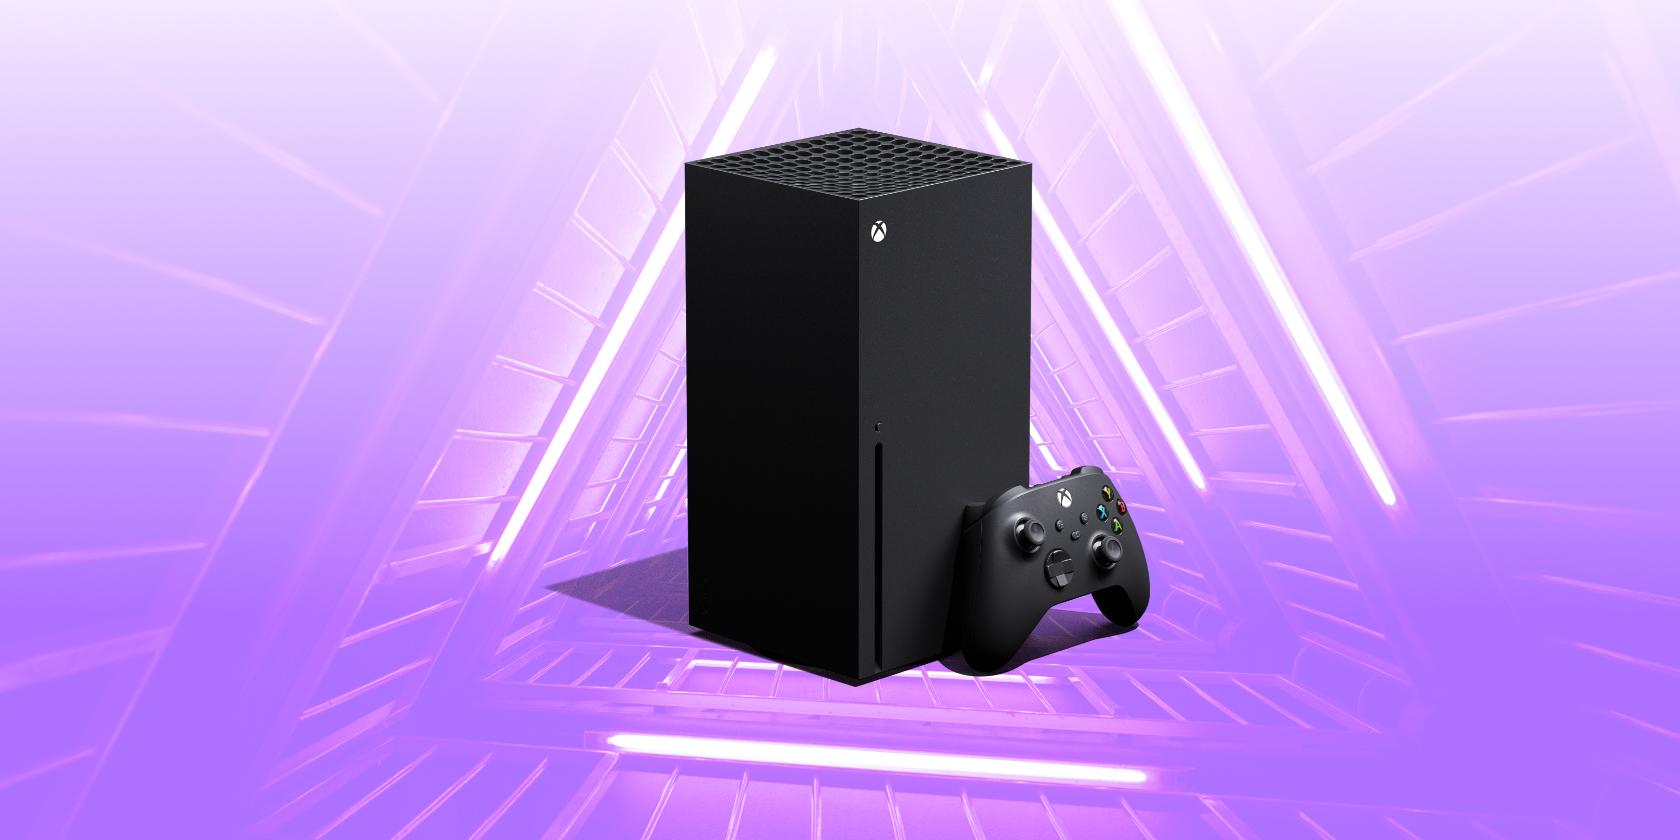 مایکروسافت به طور فعال Dolby Vision HDR را روی کنسول های سری Xbox آزمایش می کند